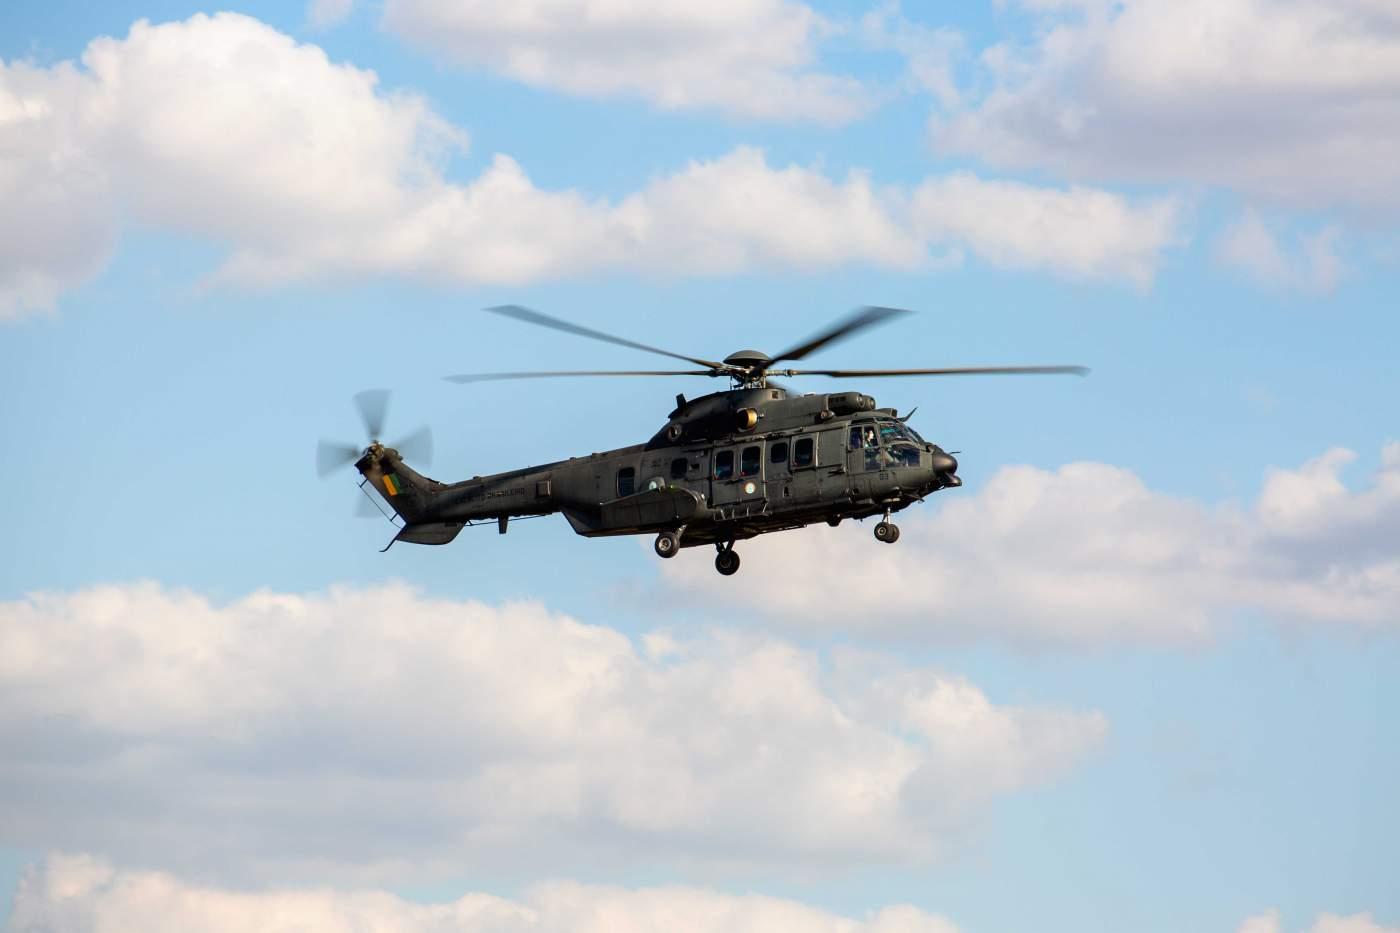 Helicóptero Força Aérea Brasileira Exercito